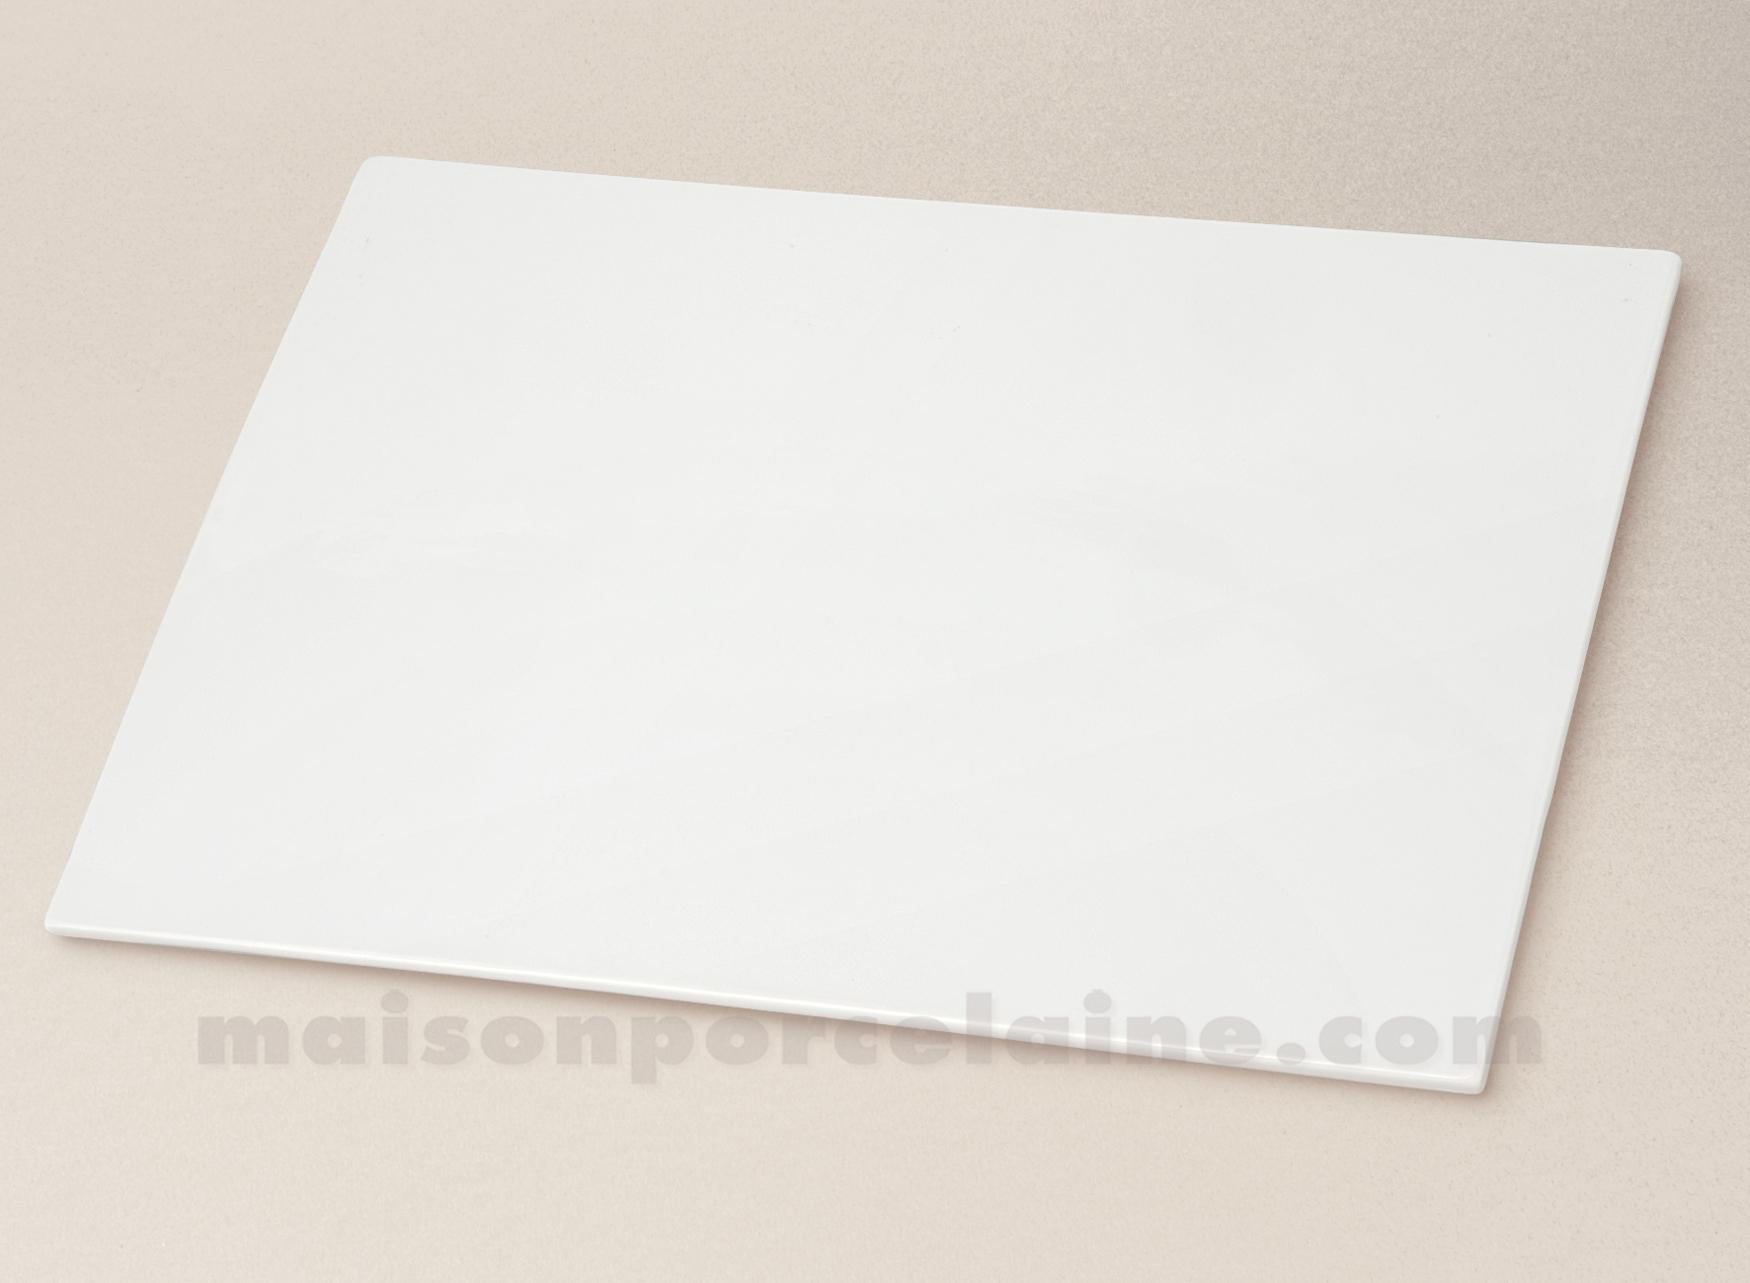 Plaque rectangle unie porcelaine blanche 30x21 maison de la porcelaine - La porcelaine blanche ...